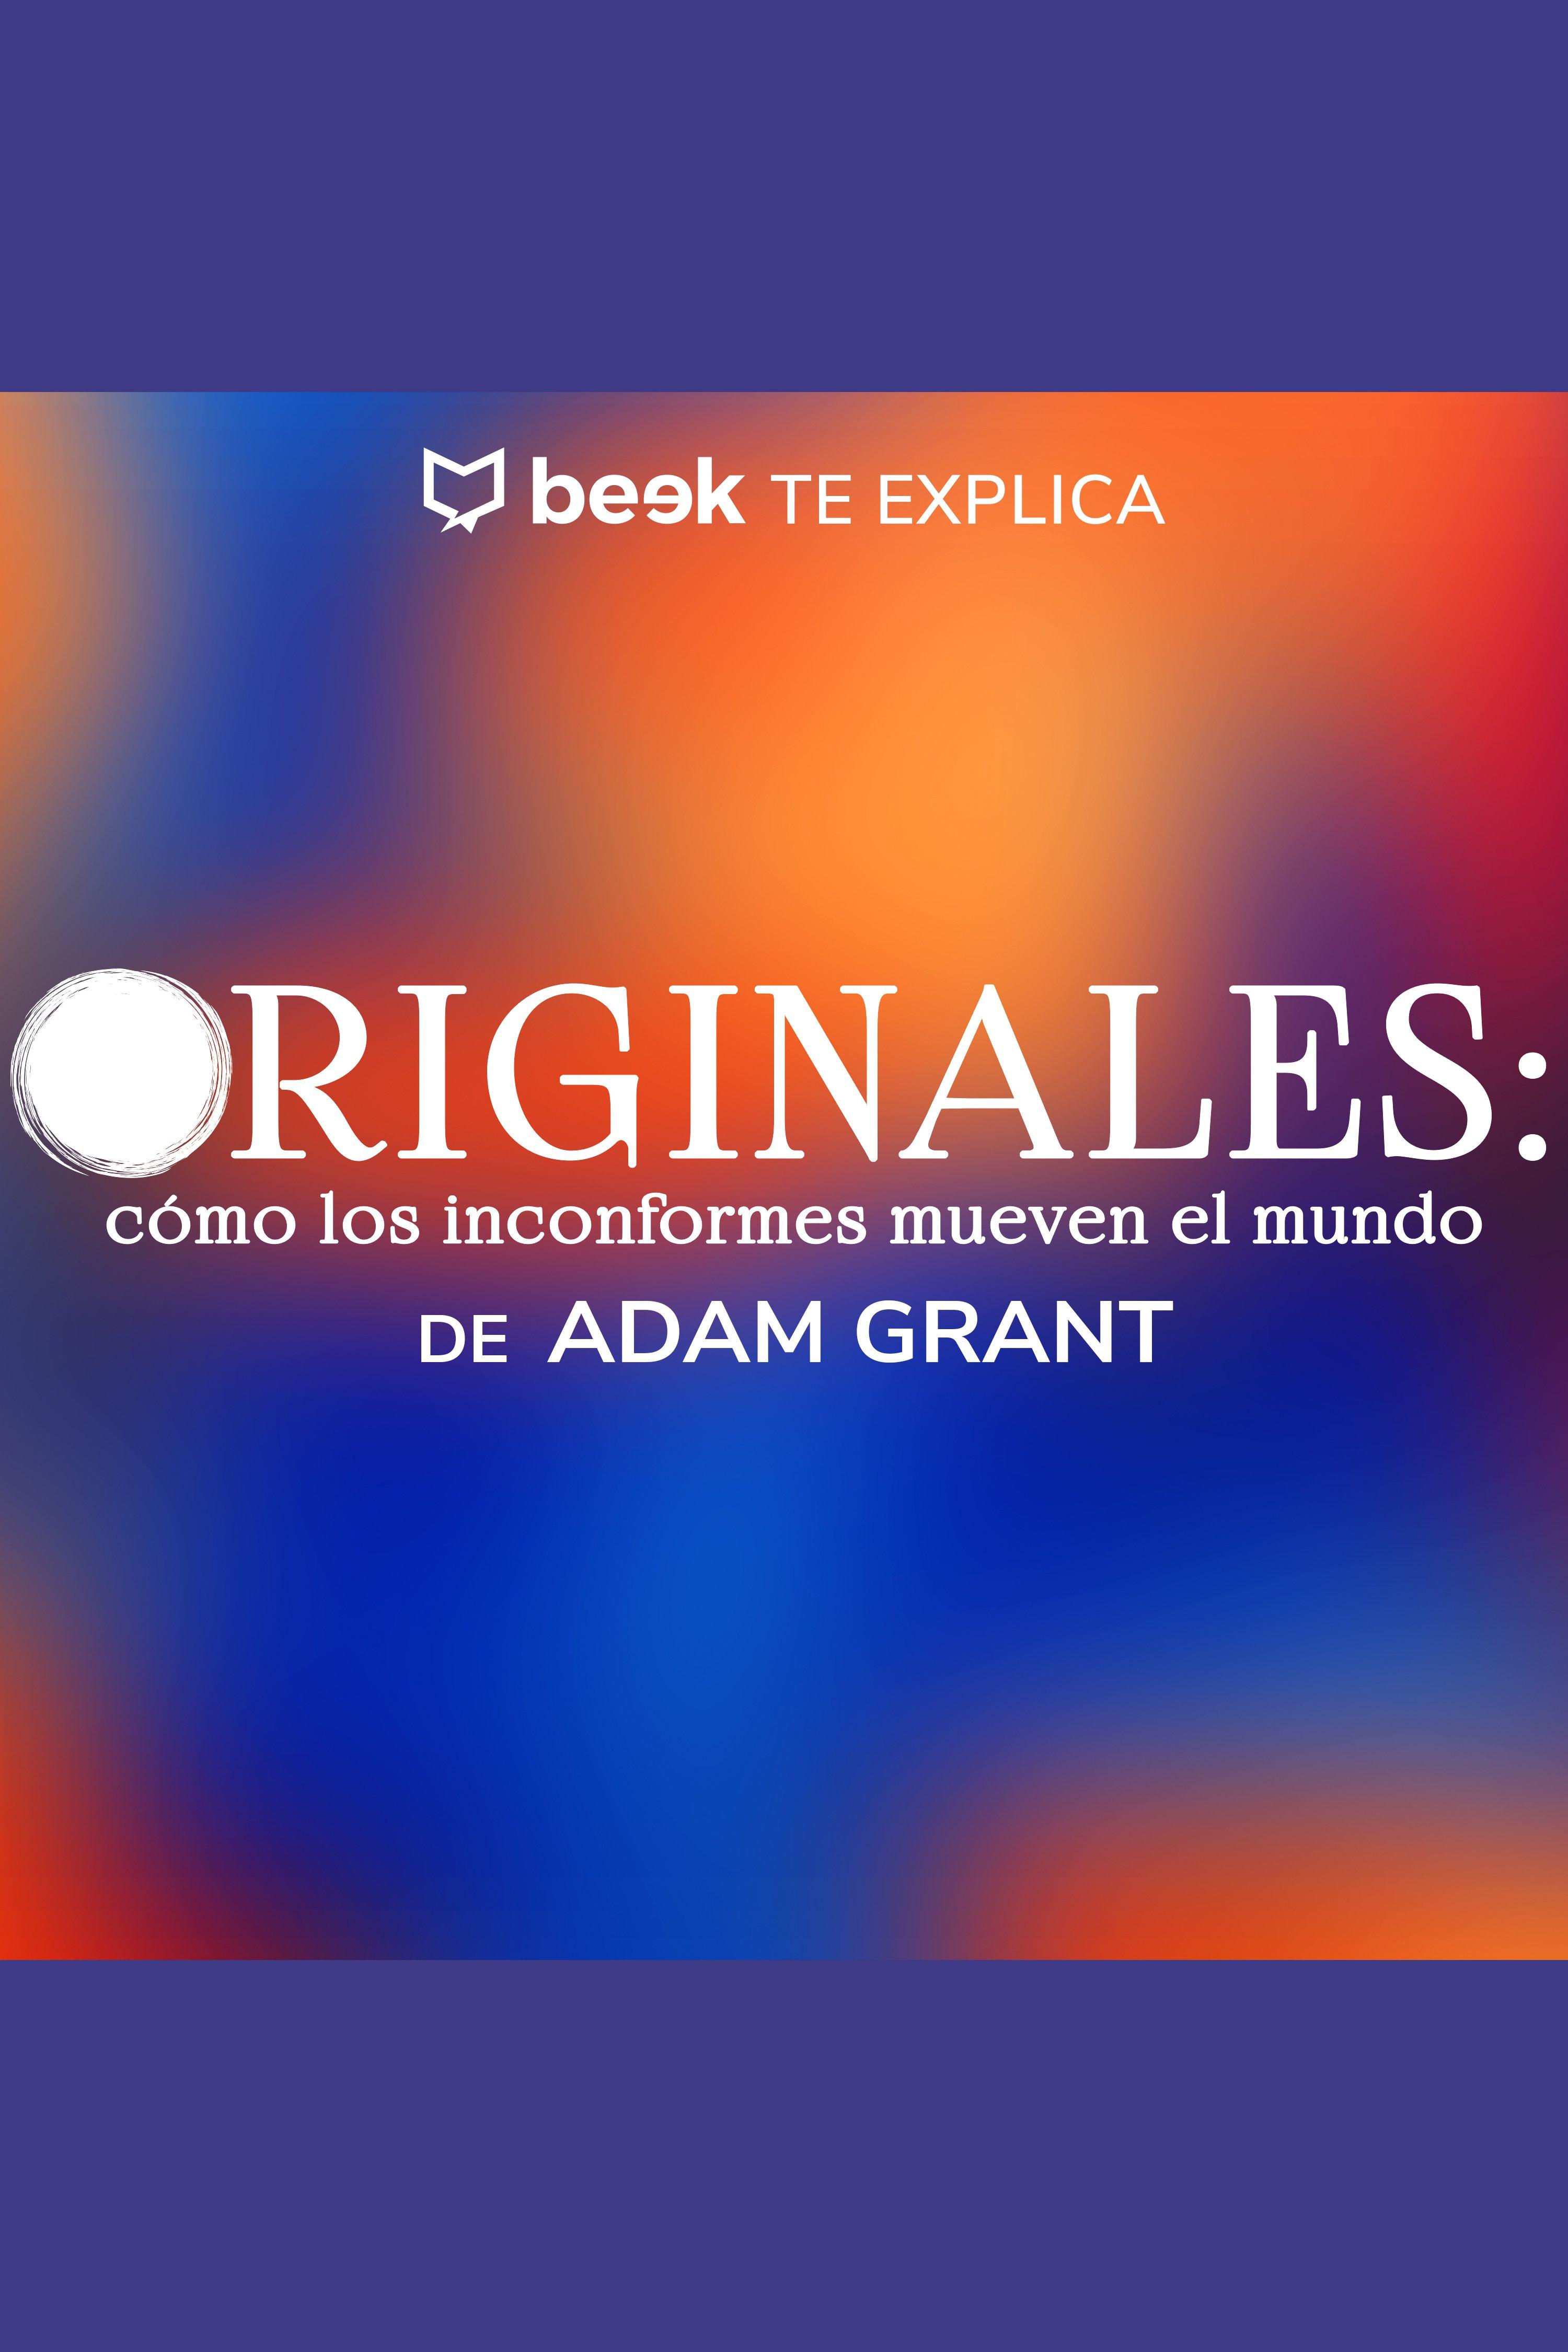 Esta es la portada del audiolibro Originales… Beek te explica